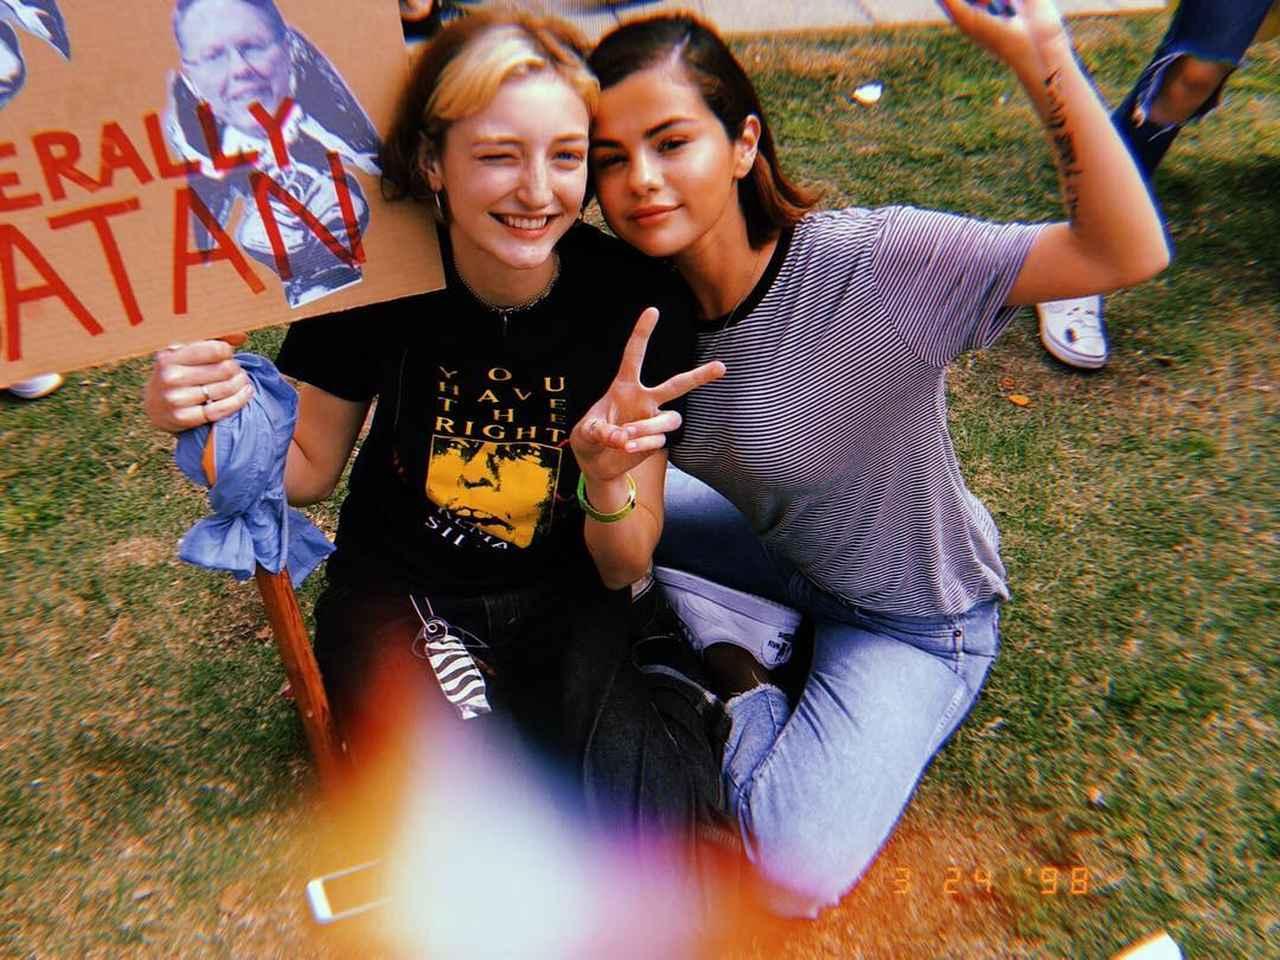 画像1: Selena GomezさんはInstagramを利用しています:「I don't want this to just be an Instagram post anymore. PLEASE. ENOUGH. These people, families and CHILDREN have suffered enough. Today we…」 www.instagram.com